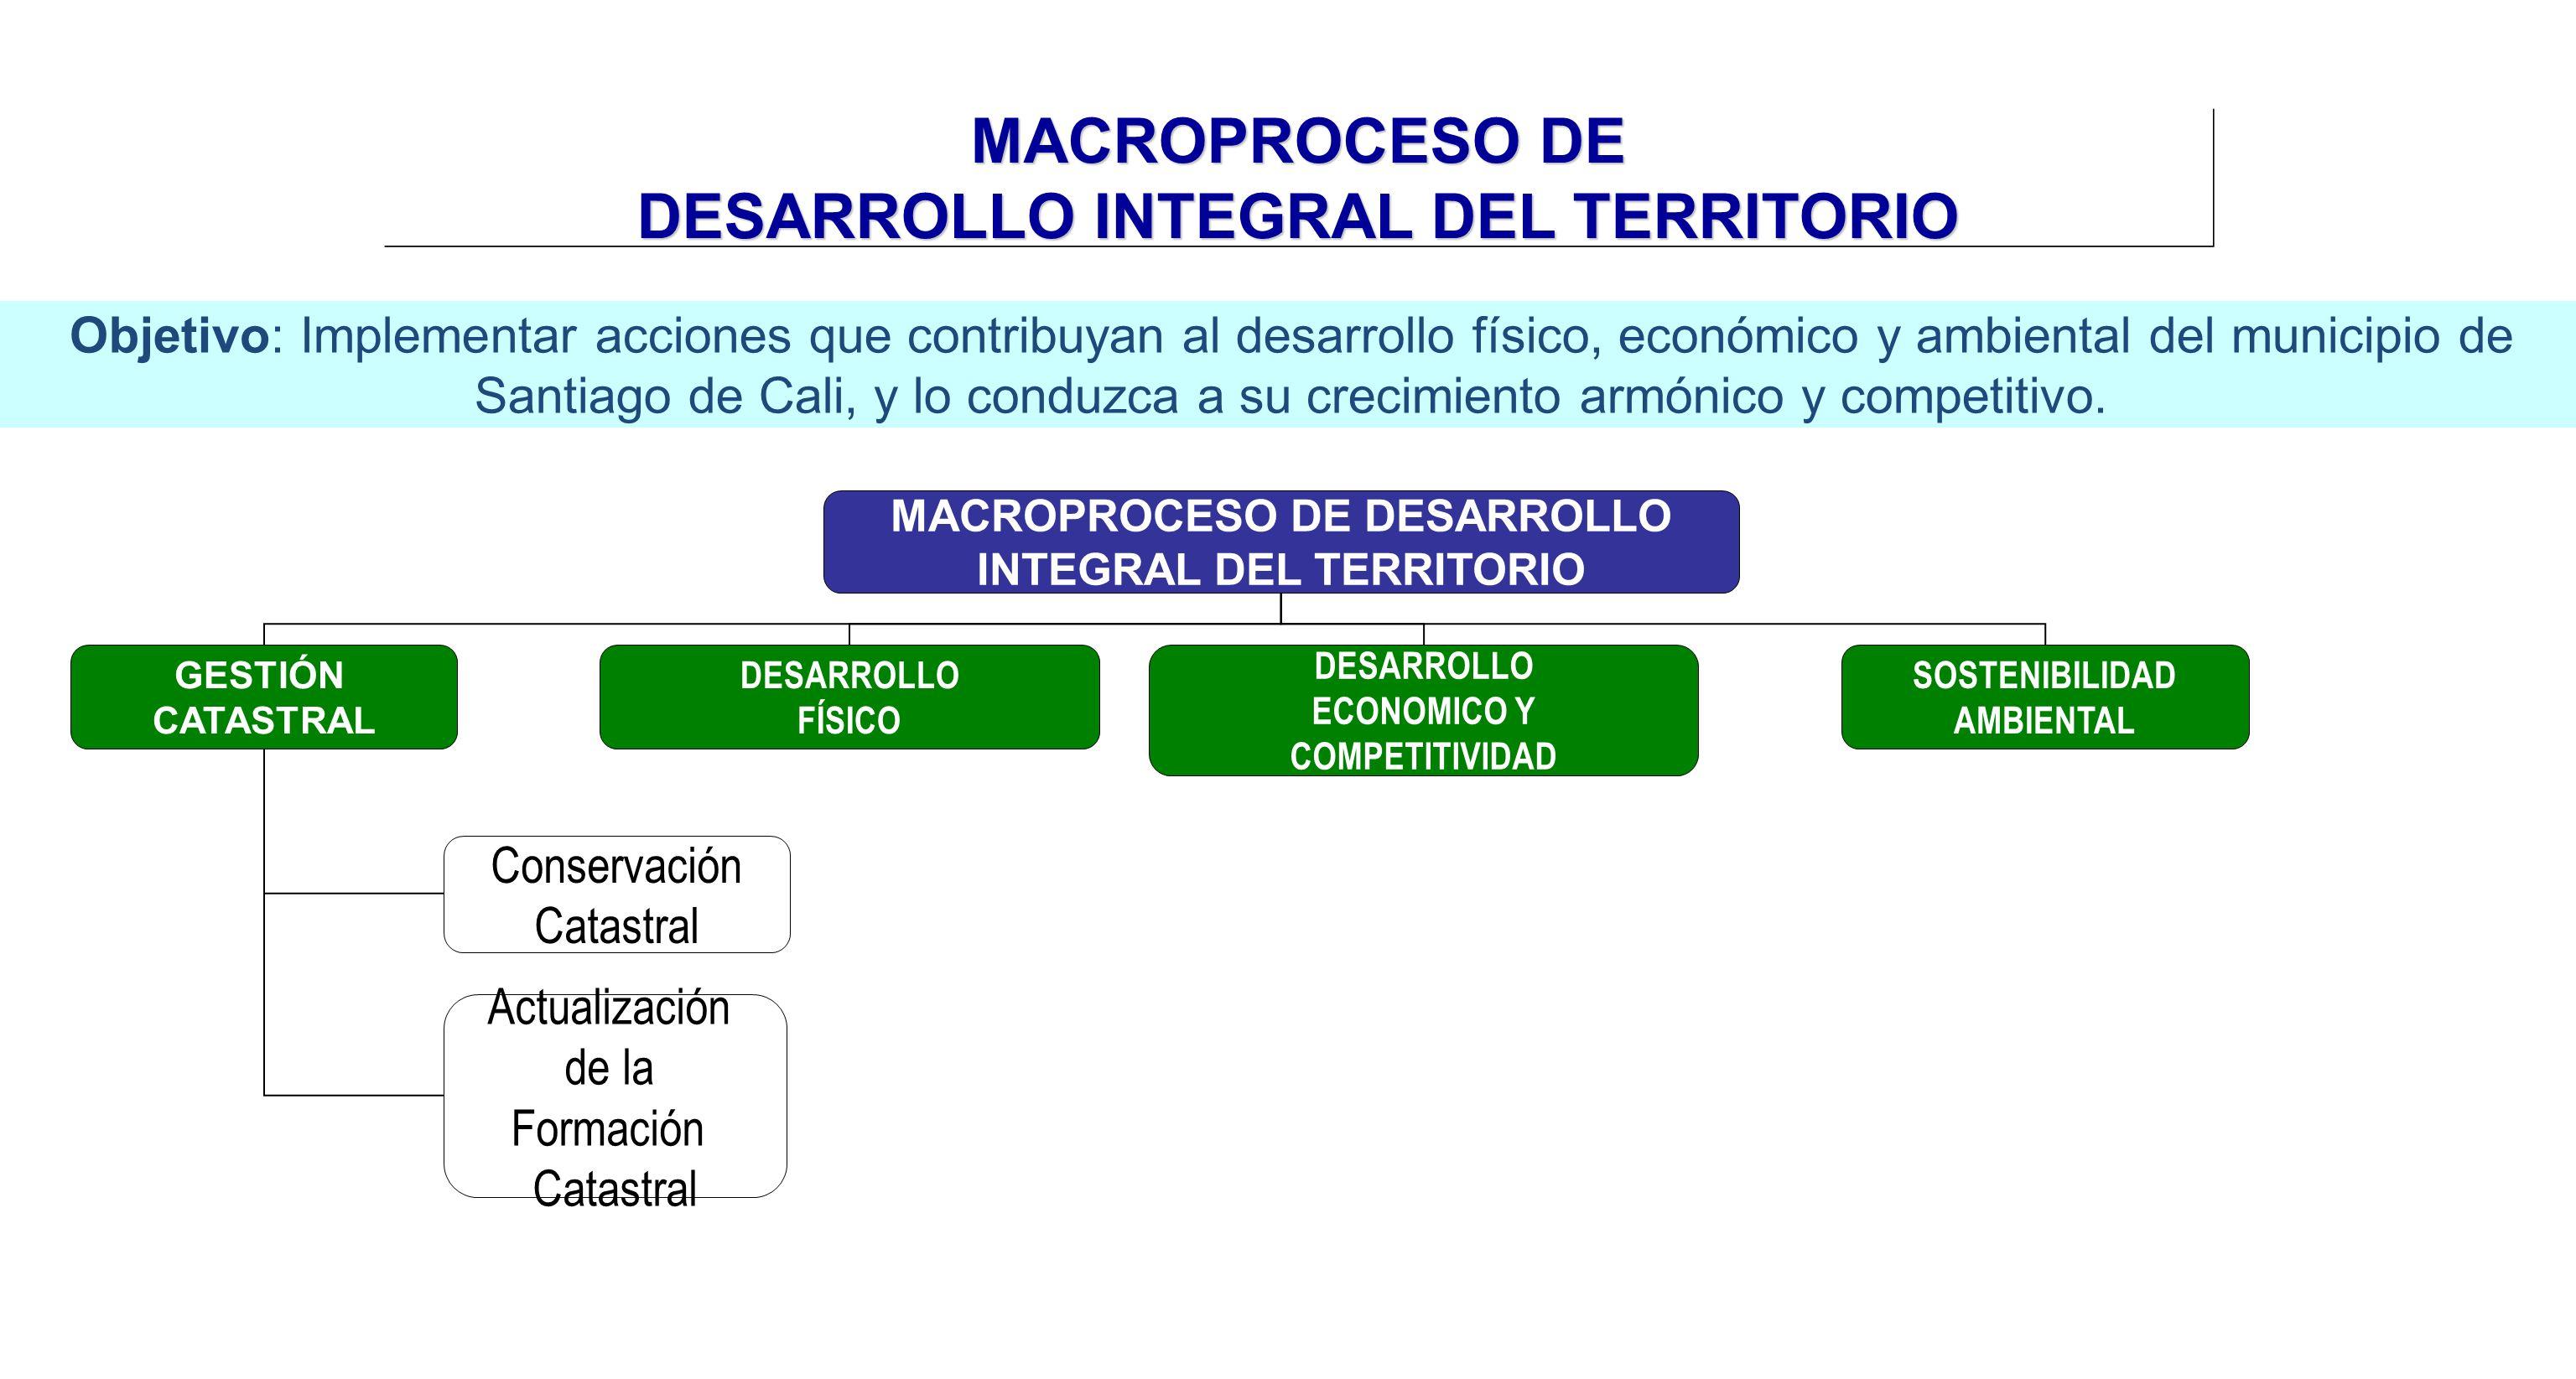 MACROPROCESO DE DESARROLLO INTEGRAL DEL TERRITORIO MACROPROCESO DE DESARROLLO INTEGRAL DEL TERRITORIO DESARROLLO ECONOMICO Y COMPETITIVIDAD SOSTENIBIL